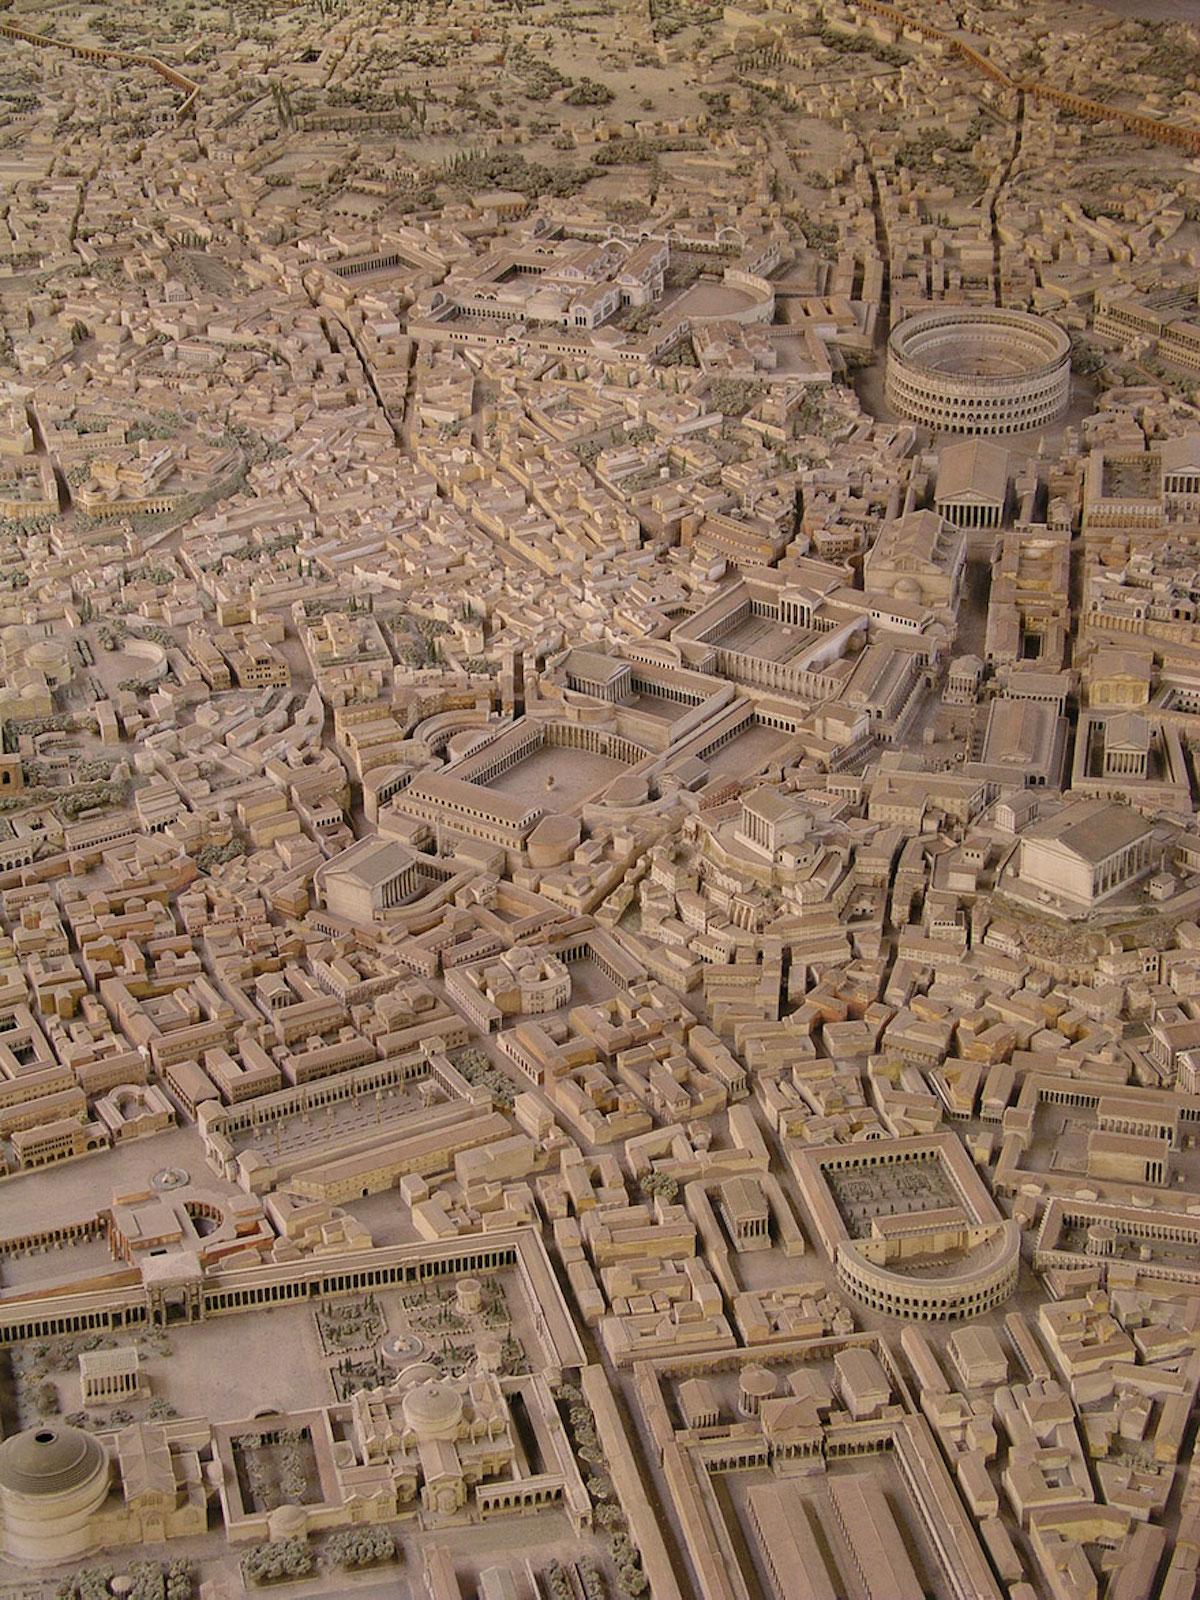 Cet archéologue a passé 36 ans de sa vie à créer la maquette la plus fidèle de la Rome Antique ! By Manon Bodeving 9-Rome-antique